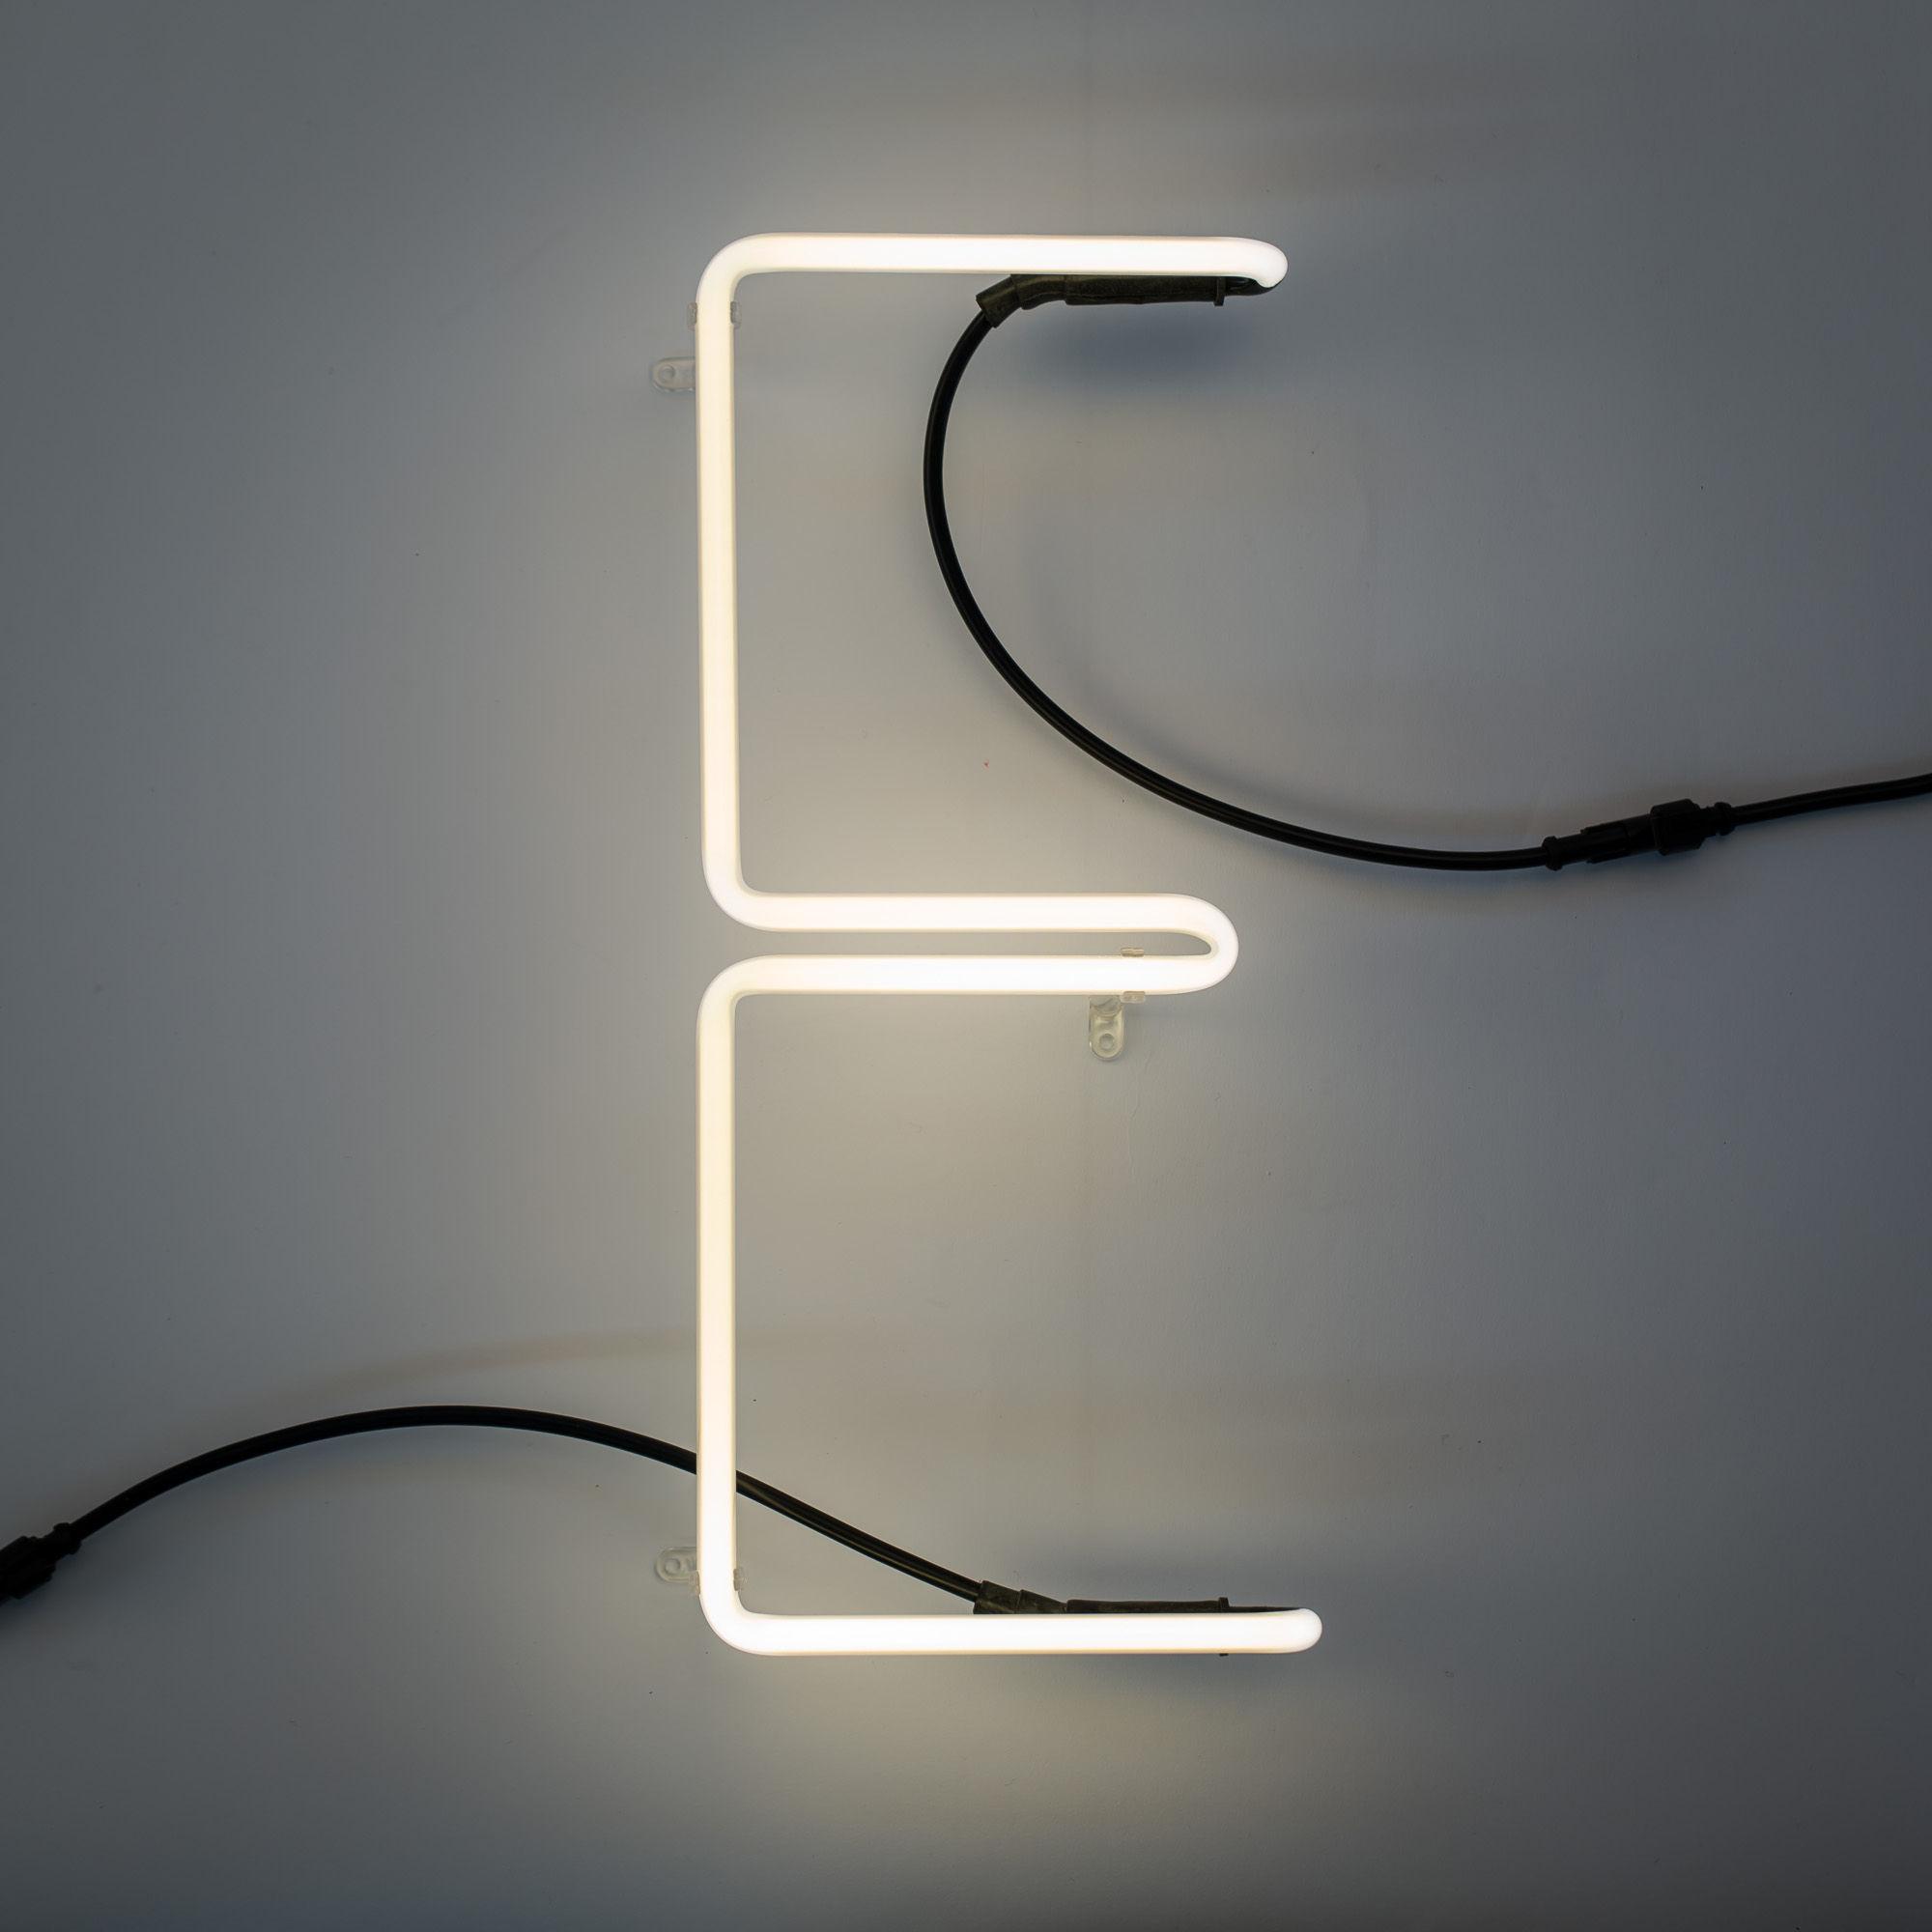 applique avec prise n on alphafont lettre e lettre e seletti made in design. Black Bedroom Furniture Sets. Home Design Ideas